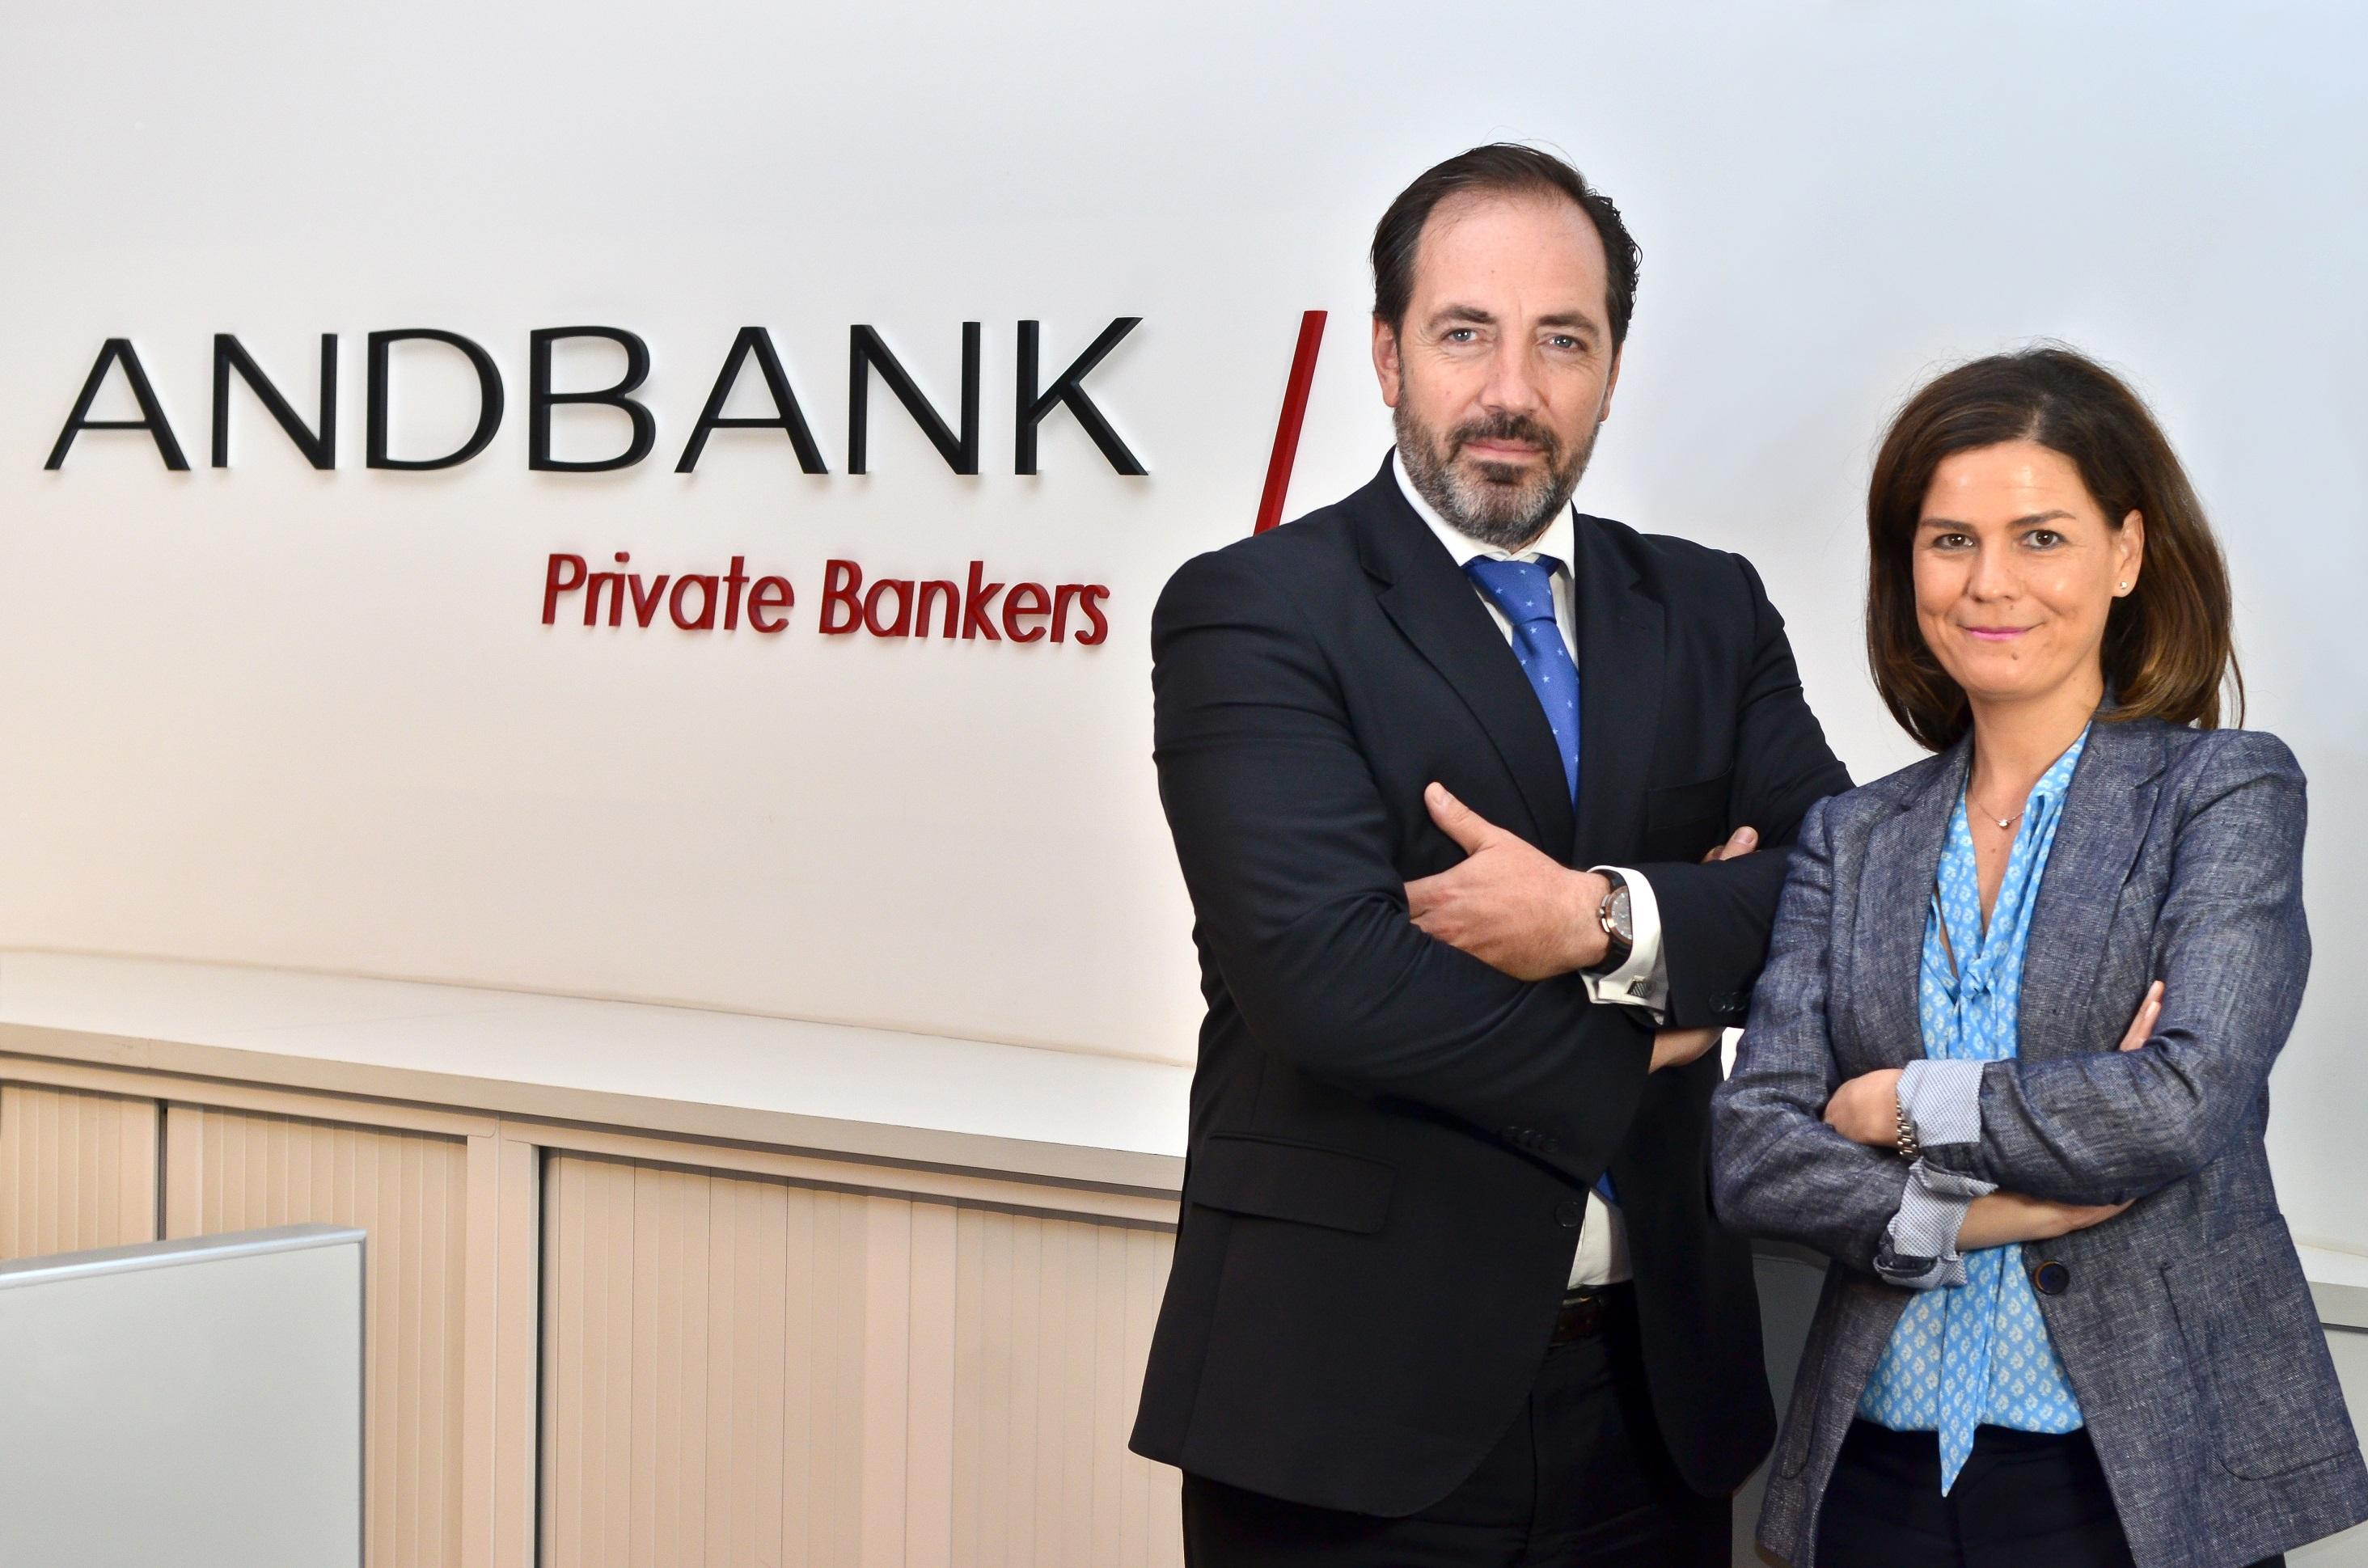 Nombramientos Andbank